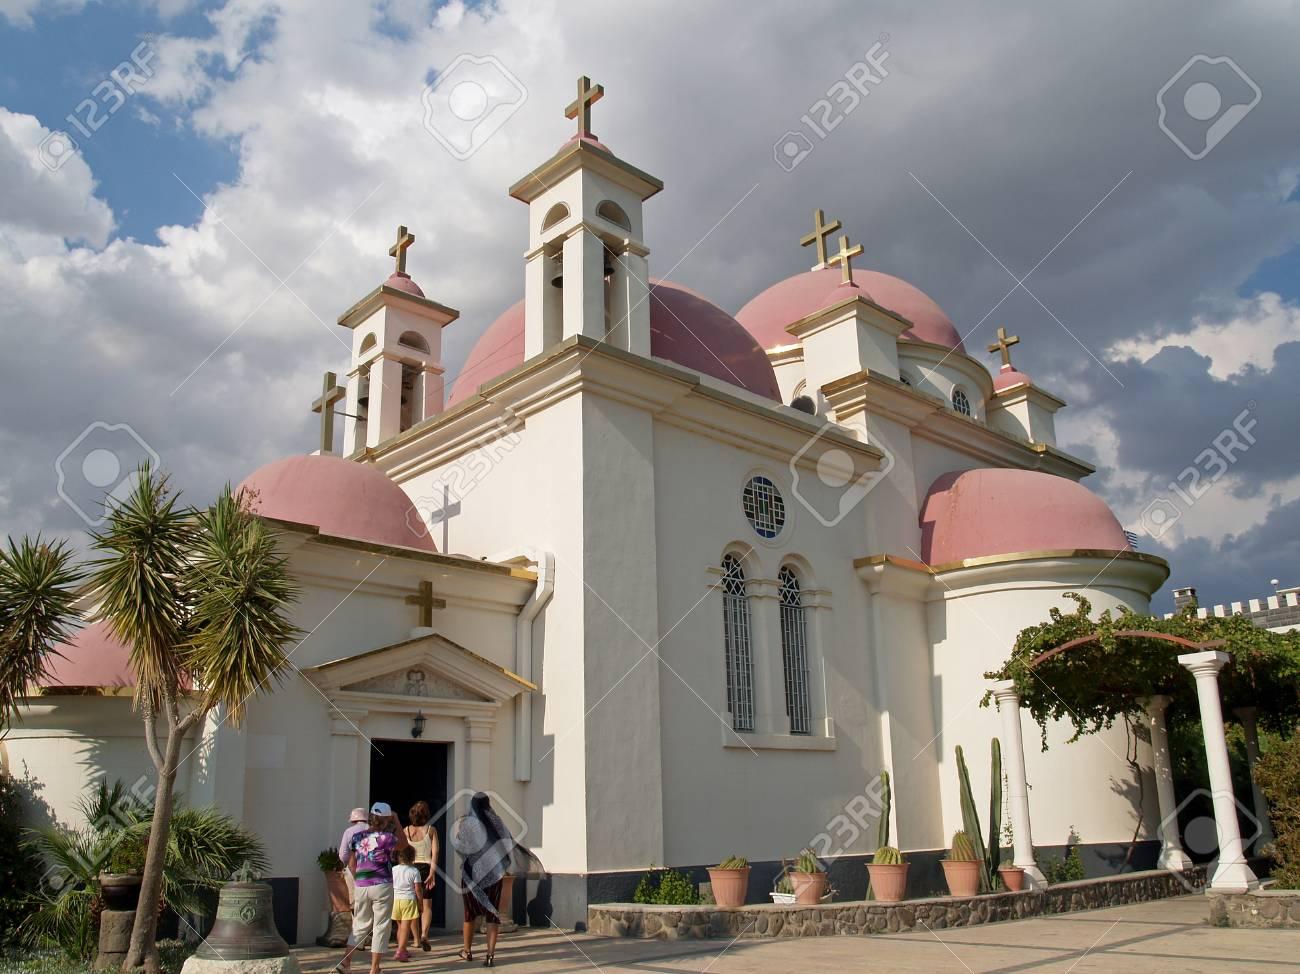 イスラエル Kfar Nakhum で十二使徒の大聖堂のギリシャ教会 の写真素材 ...